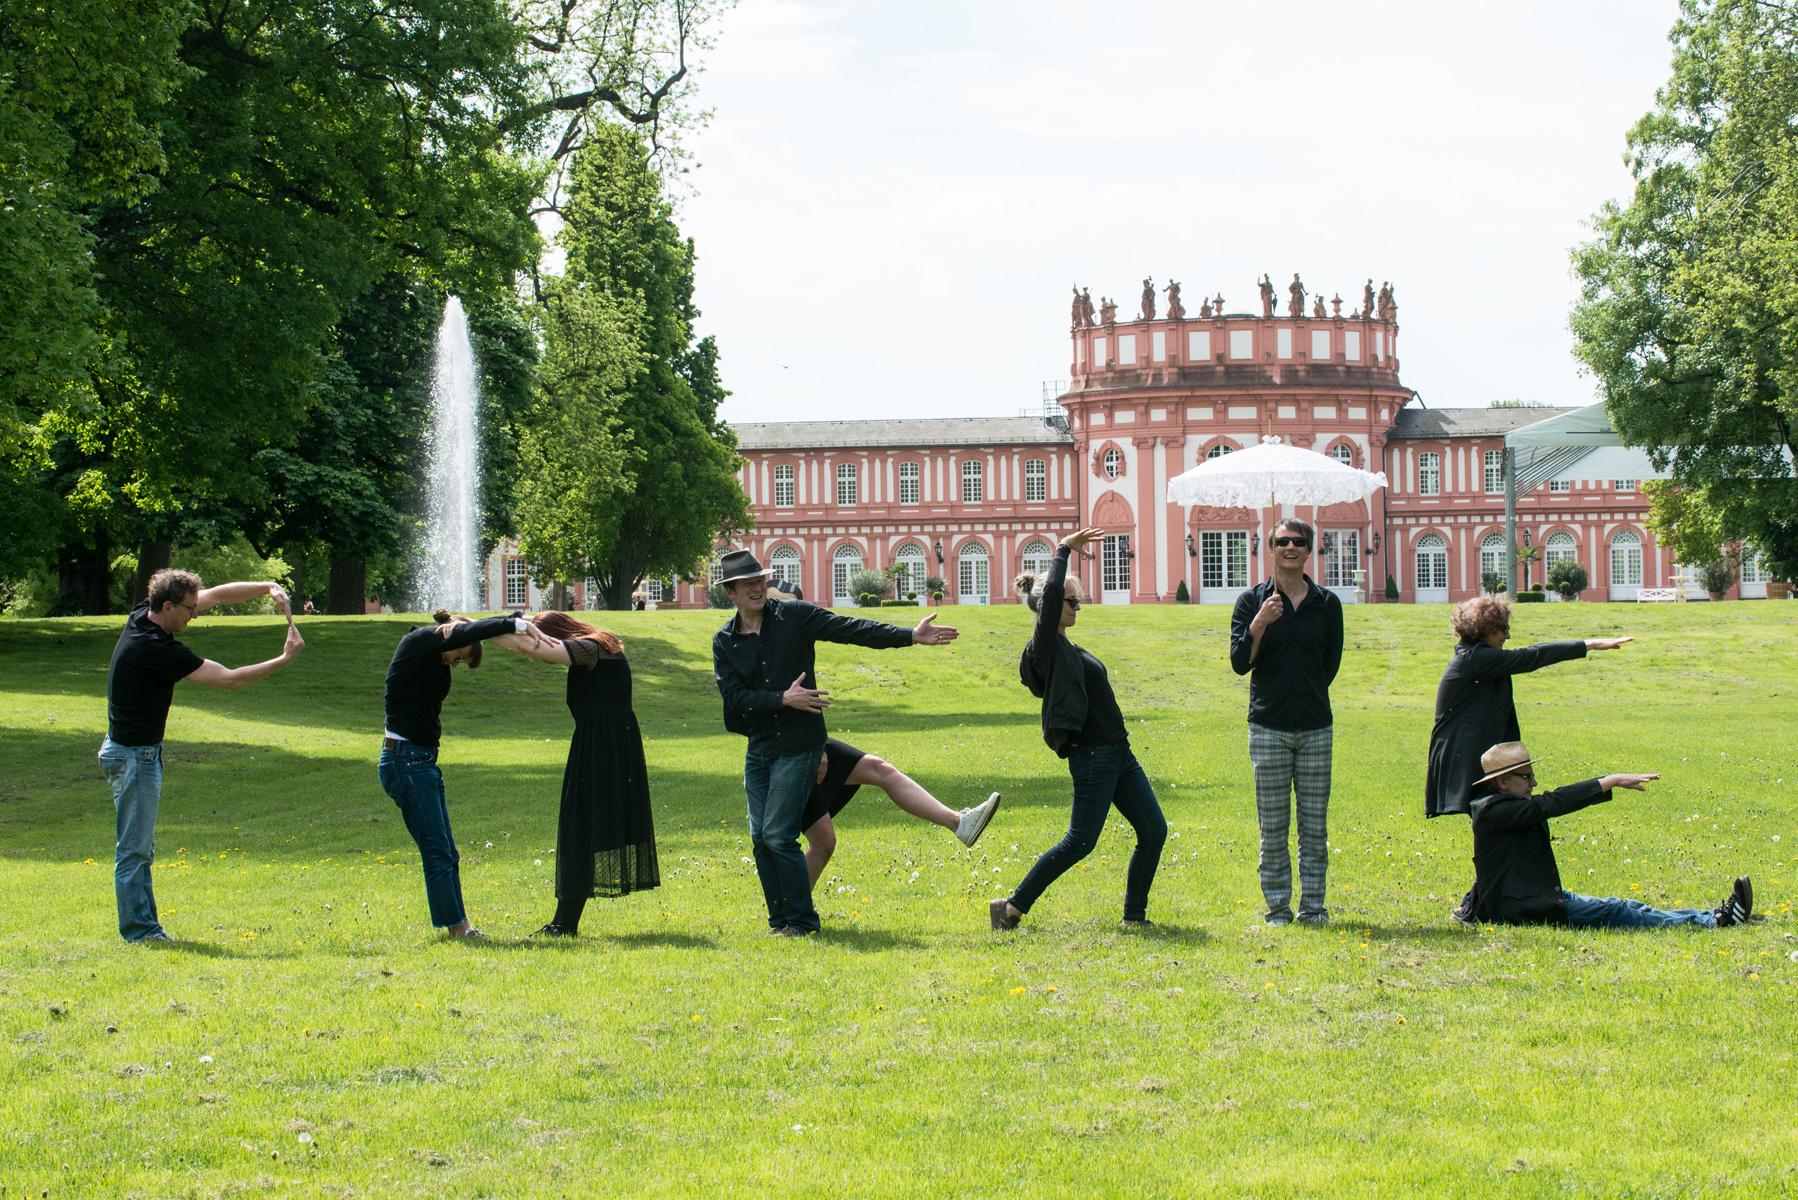 Poesie im park - eine art festival